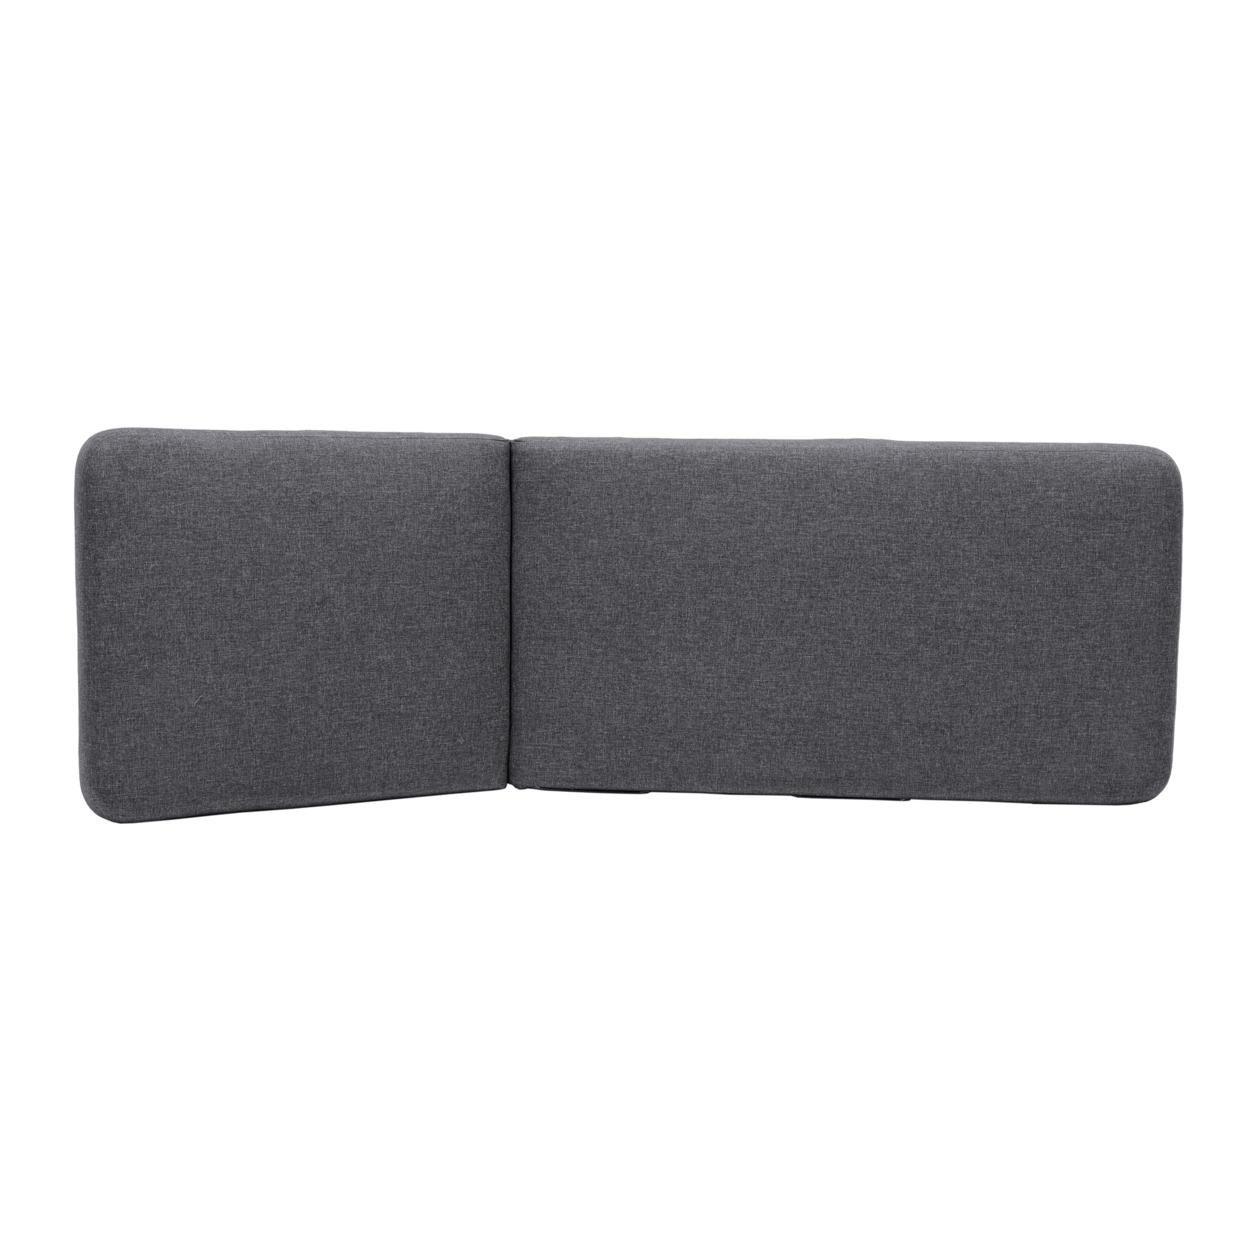 Saltoro Sherpi 74 Inches Fabric Padded Aluminum Chaise Lounge, Dark Gray